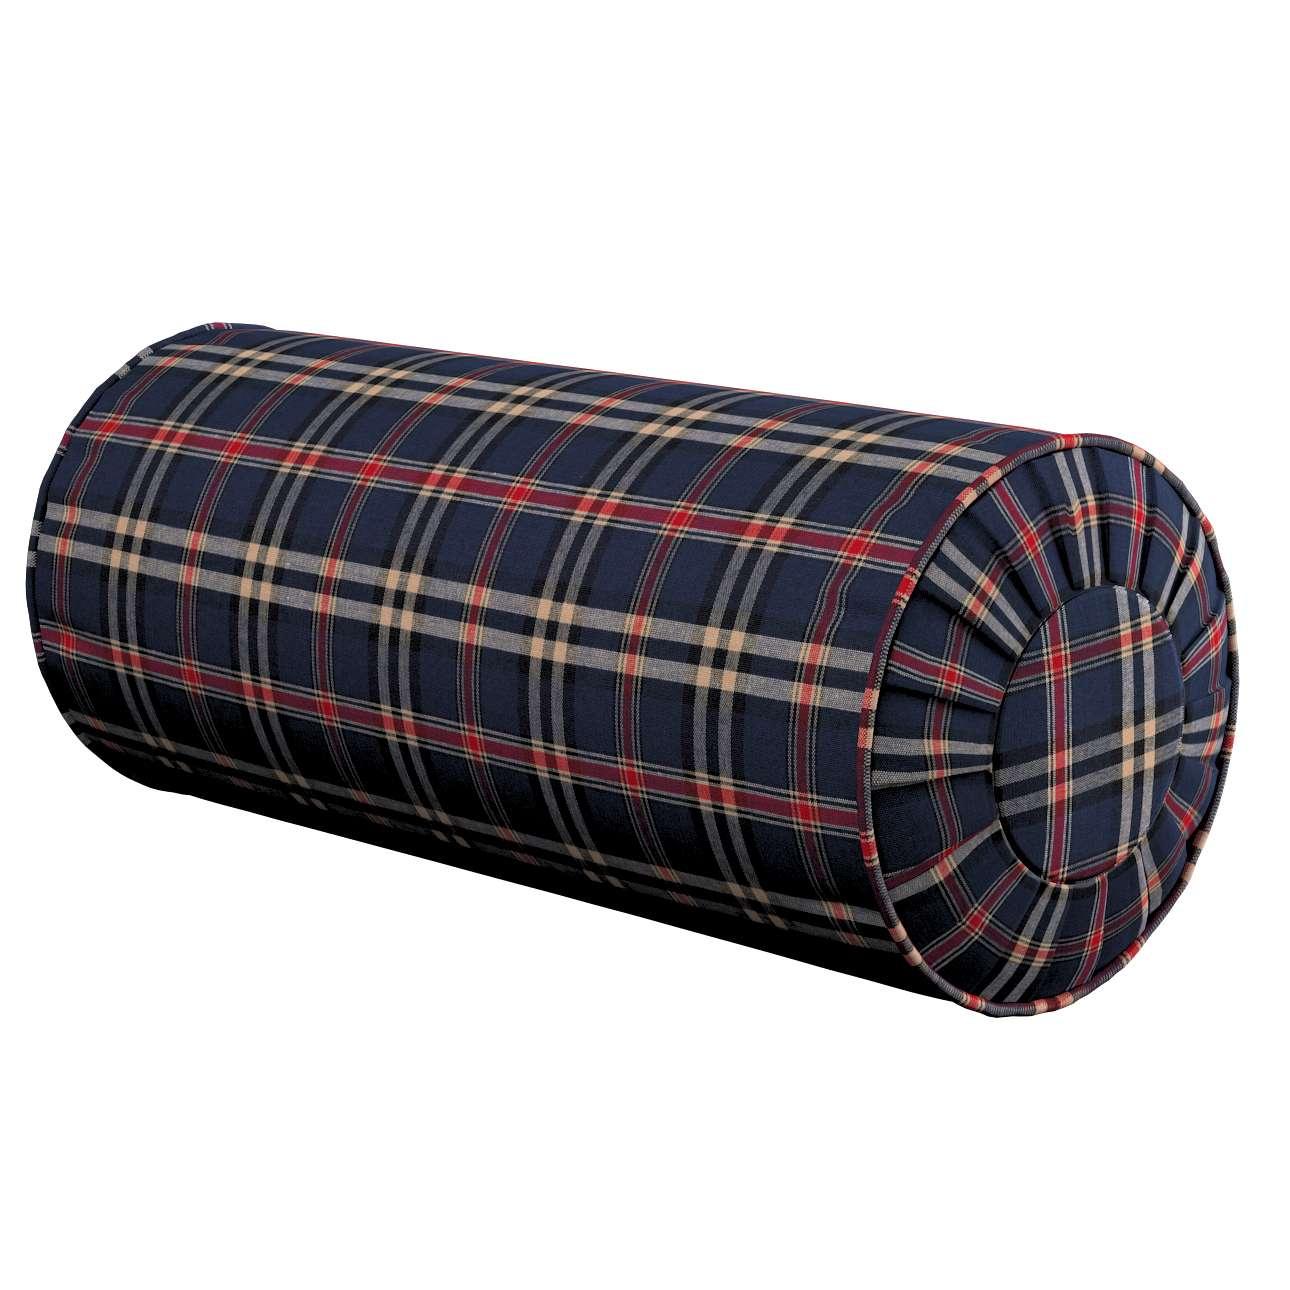 Poduszka wałek z zakładkami w kolekcji Bristol, tkanina: 142-68